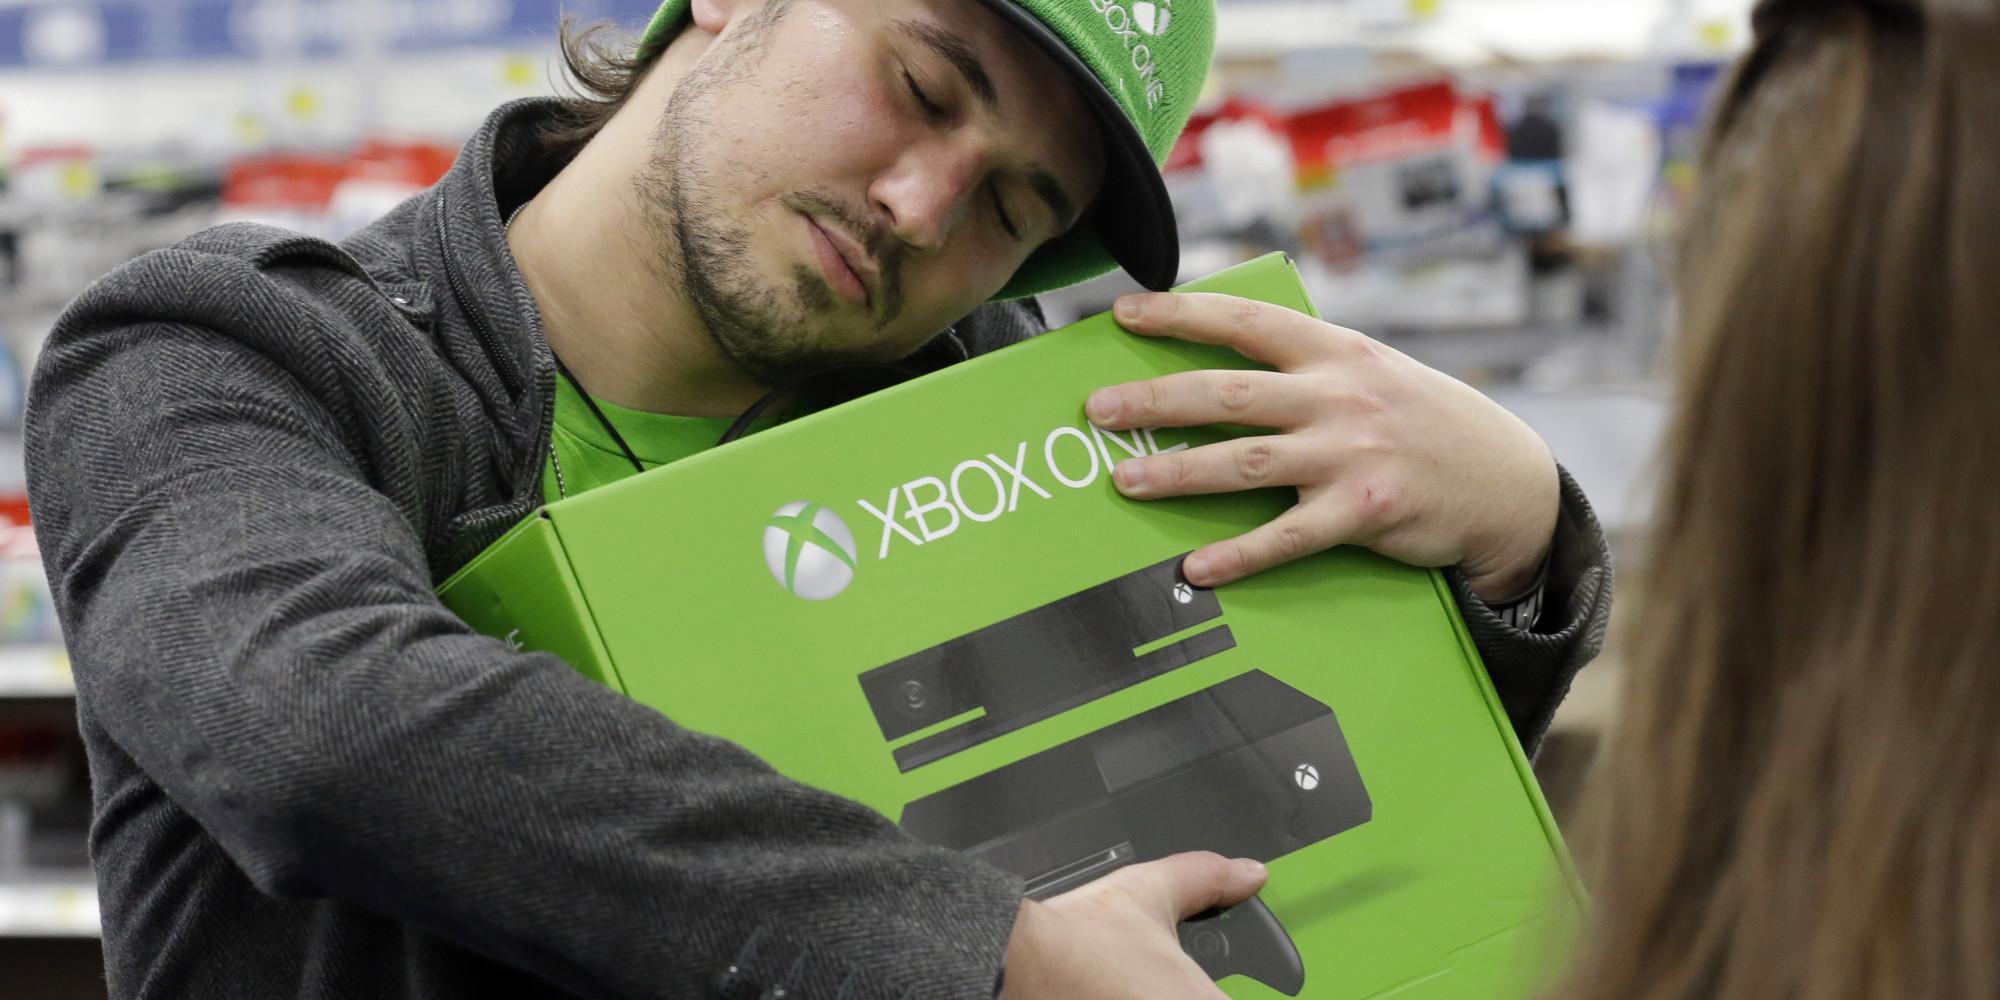 XboxOne至今依旧在困扰我们的9个问题